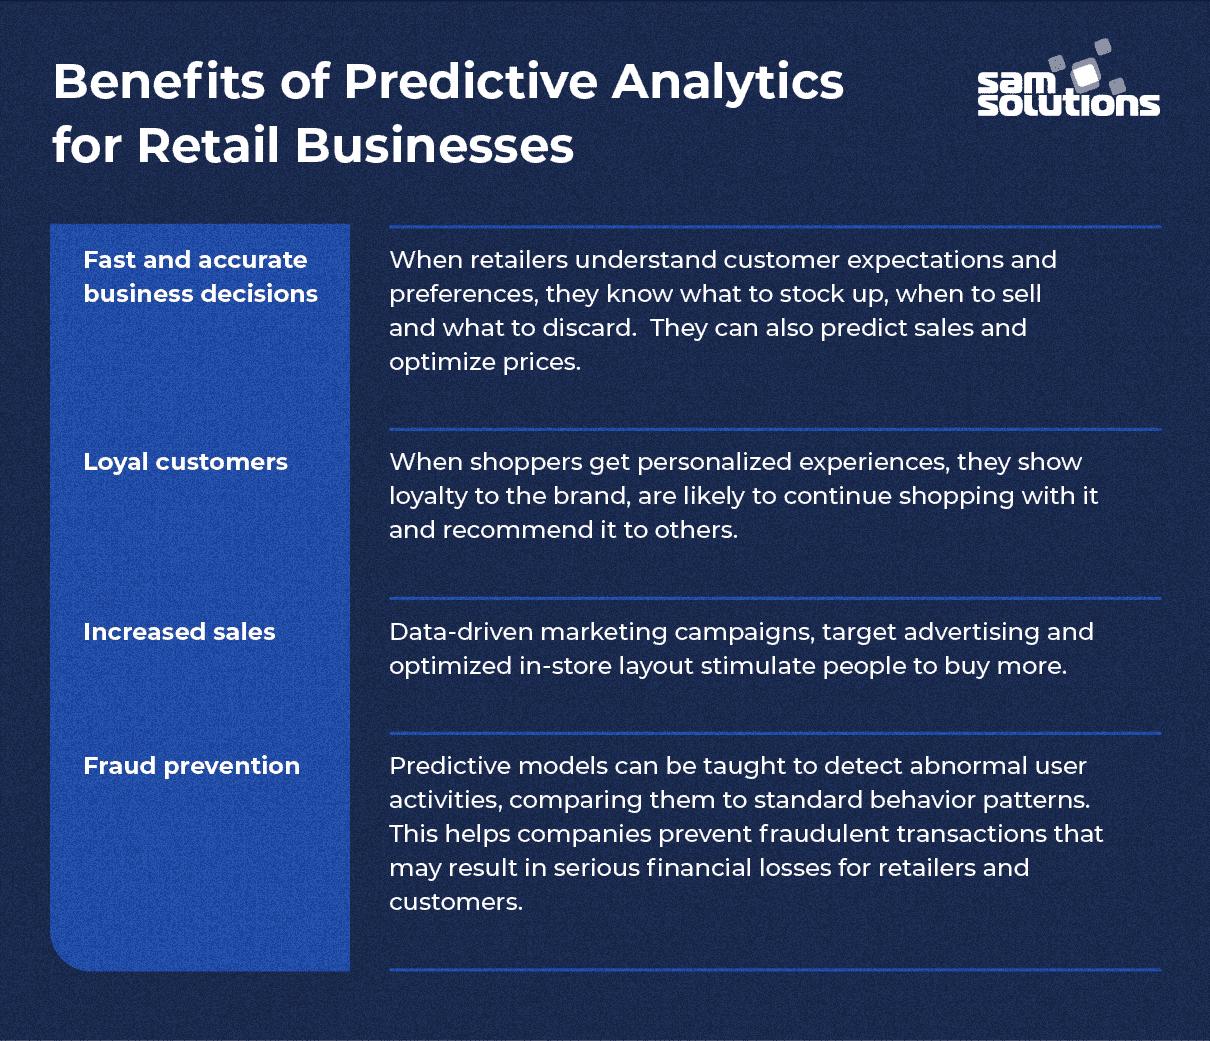 Benefits-of-ecommerce-retail-predictive-analytics